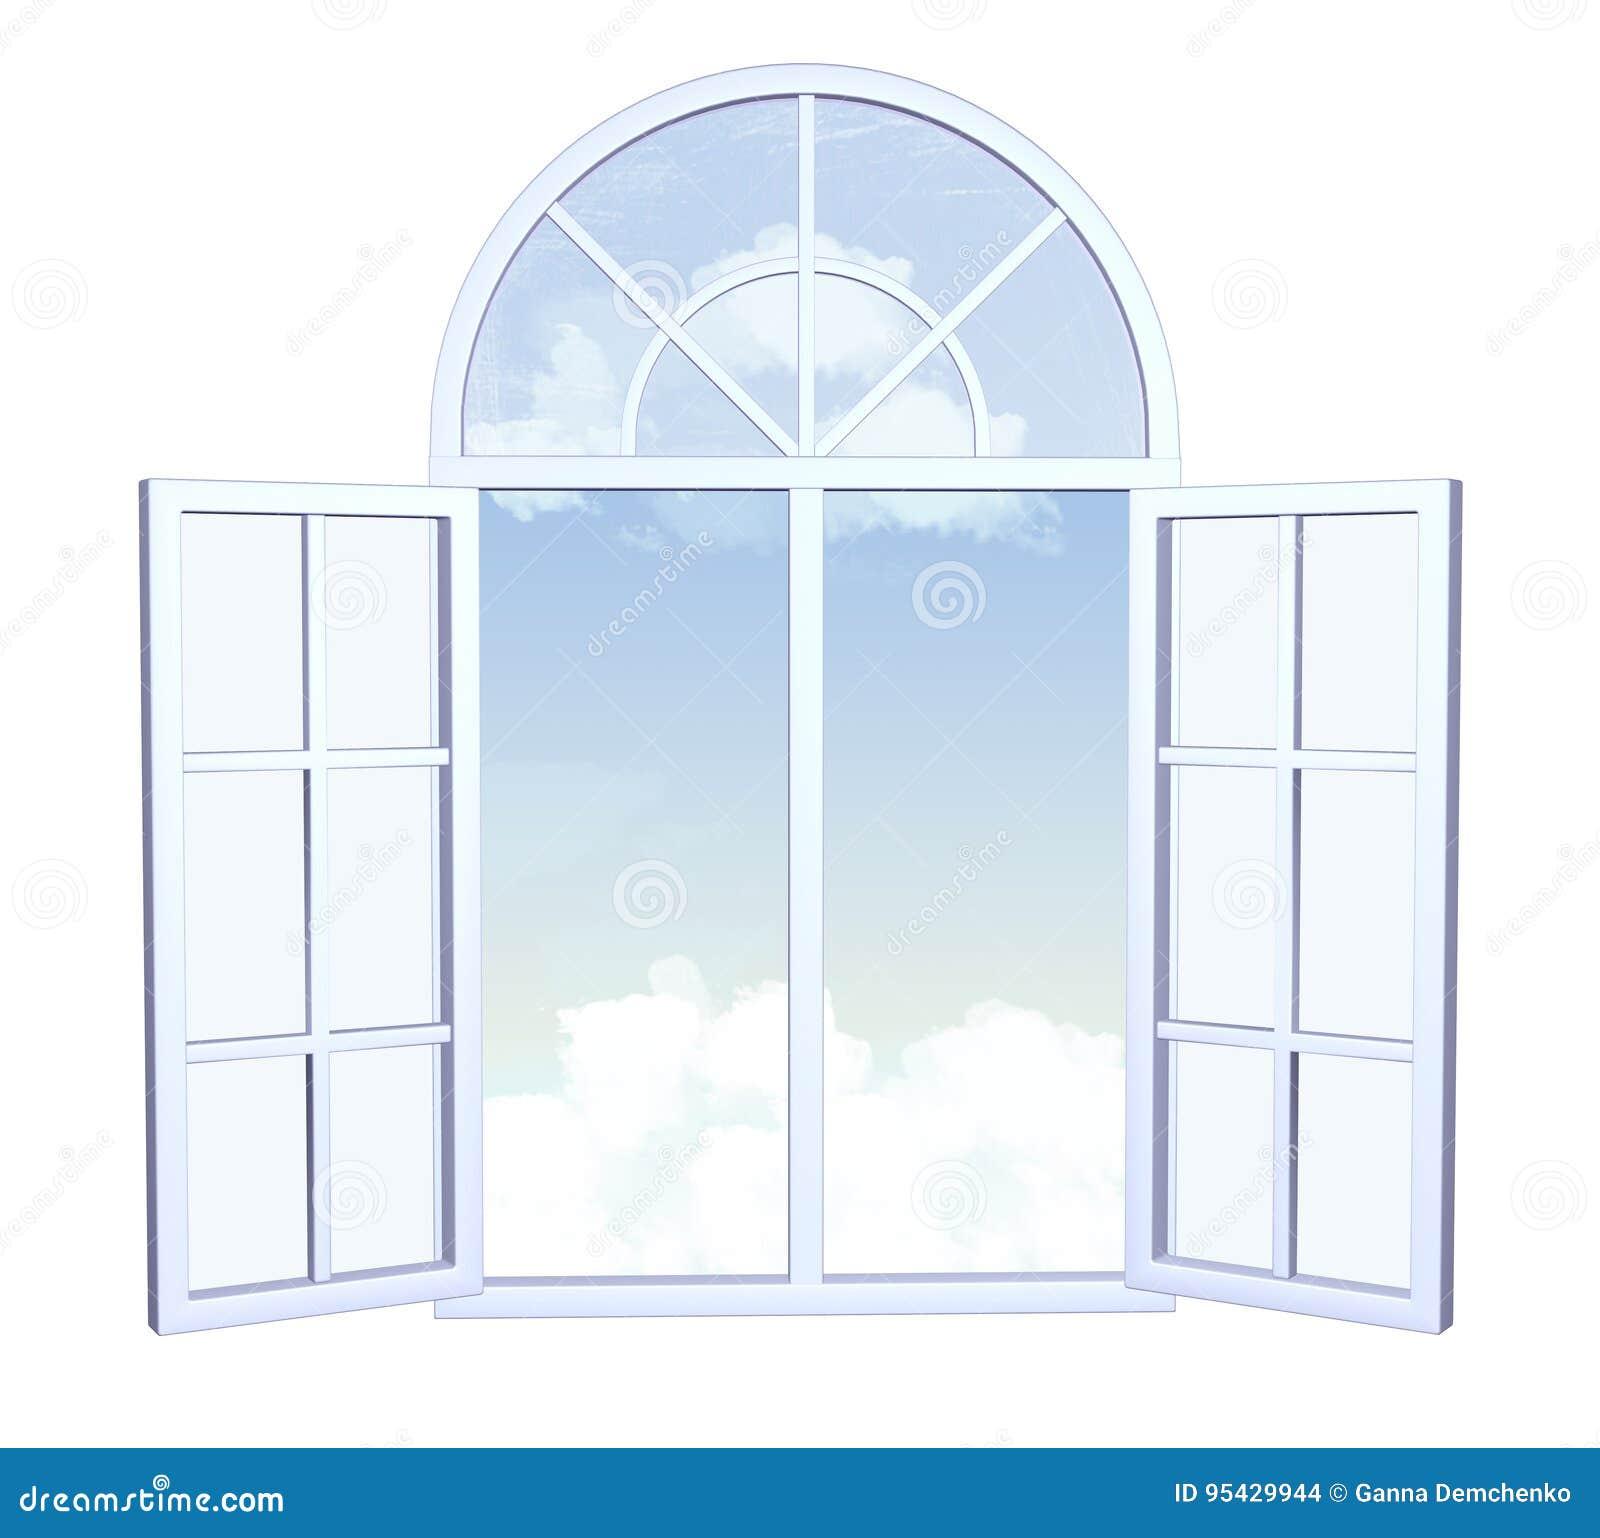 Offenes fenster zeichnen  Offenes Fenster Zeichnen | harzite.com